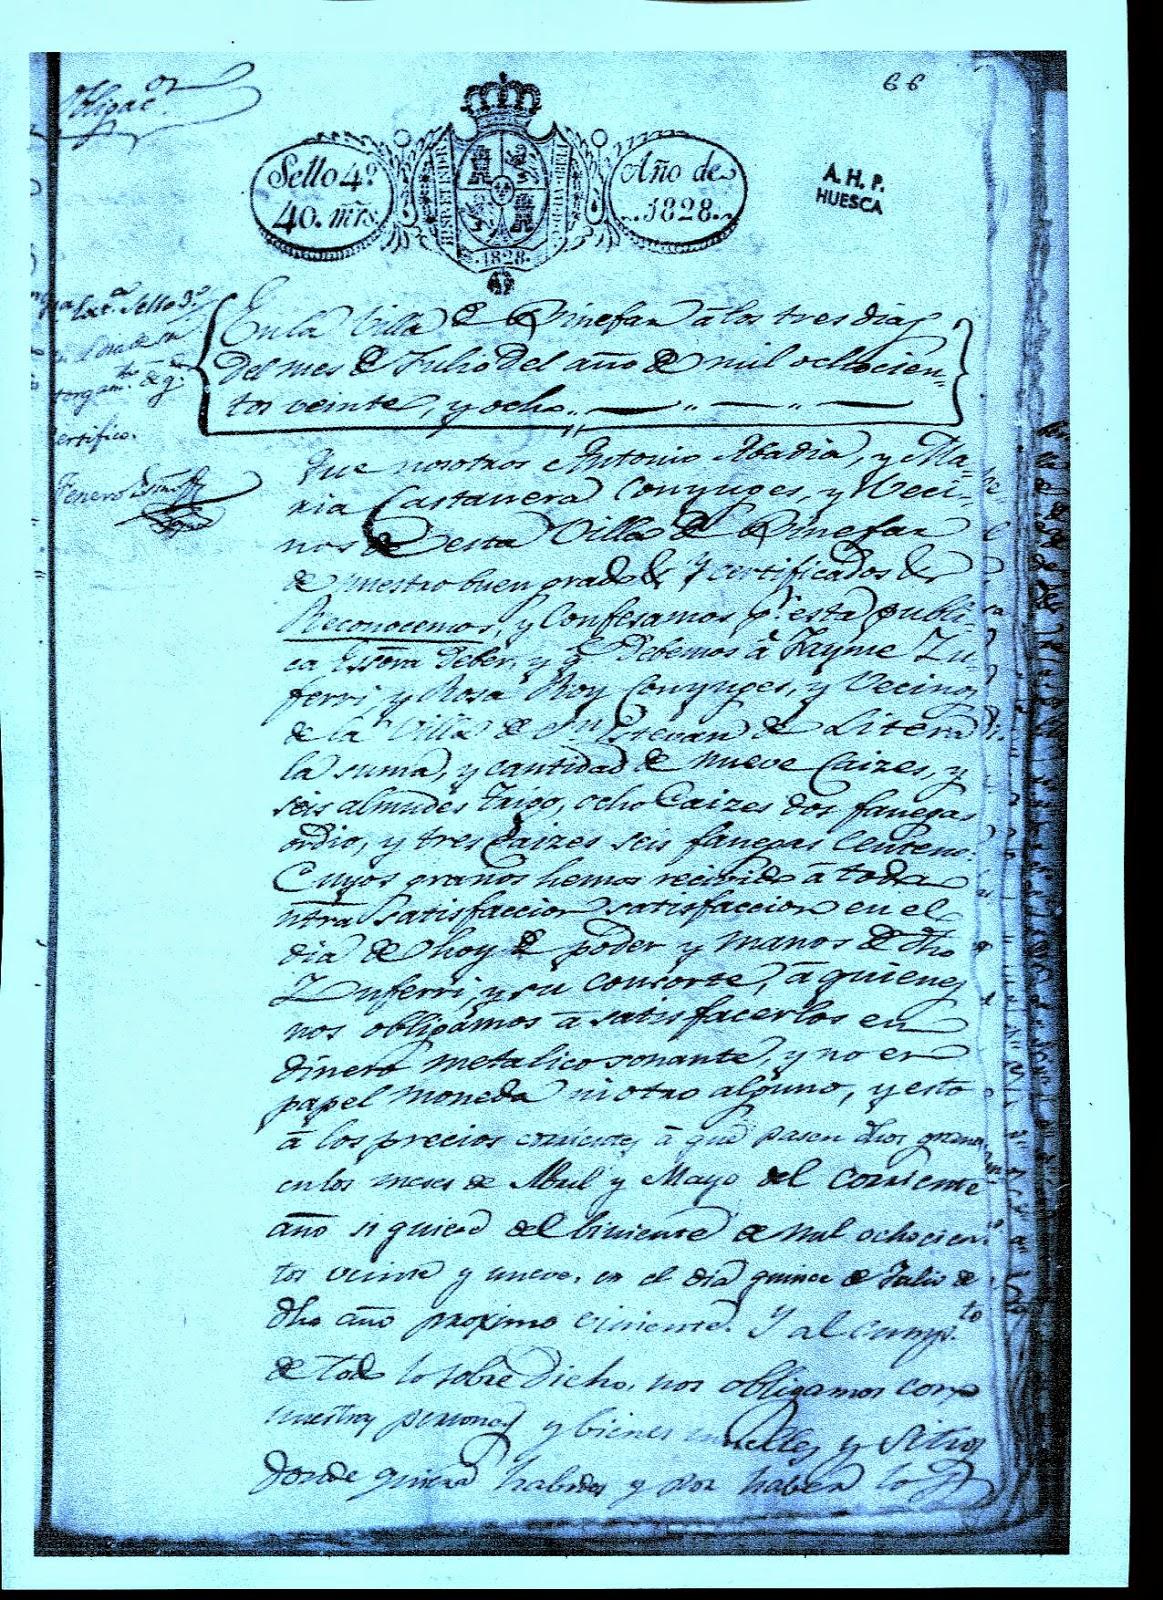 documento notarial fechado en Binéfar en 1828